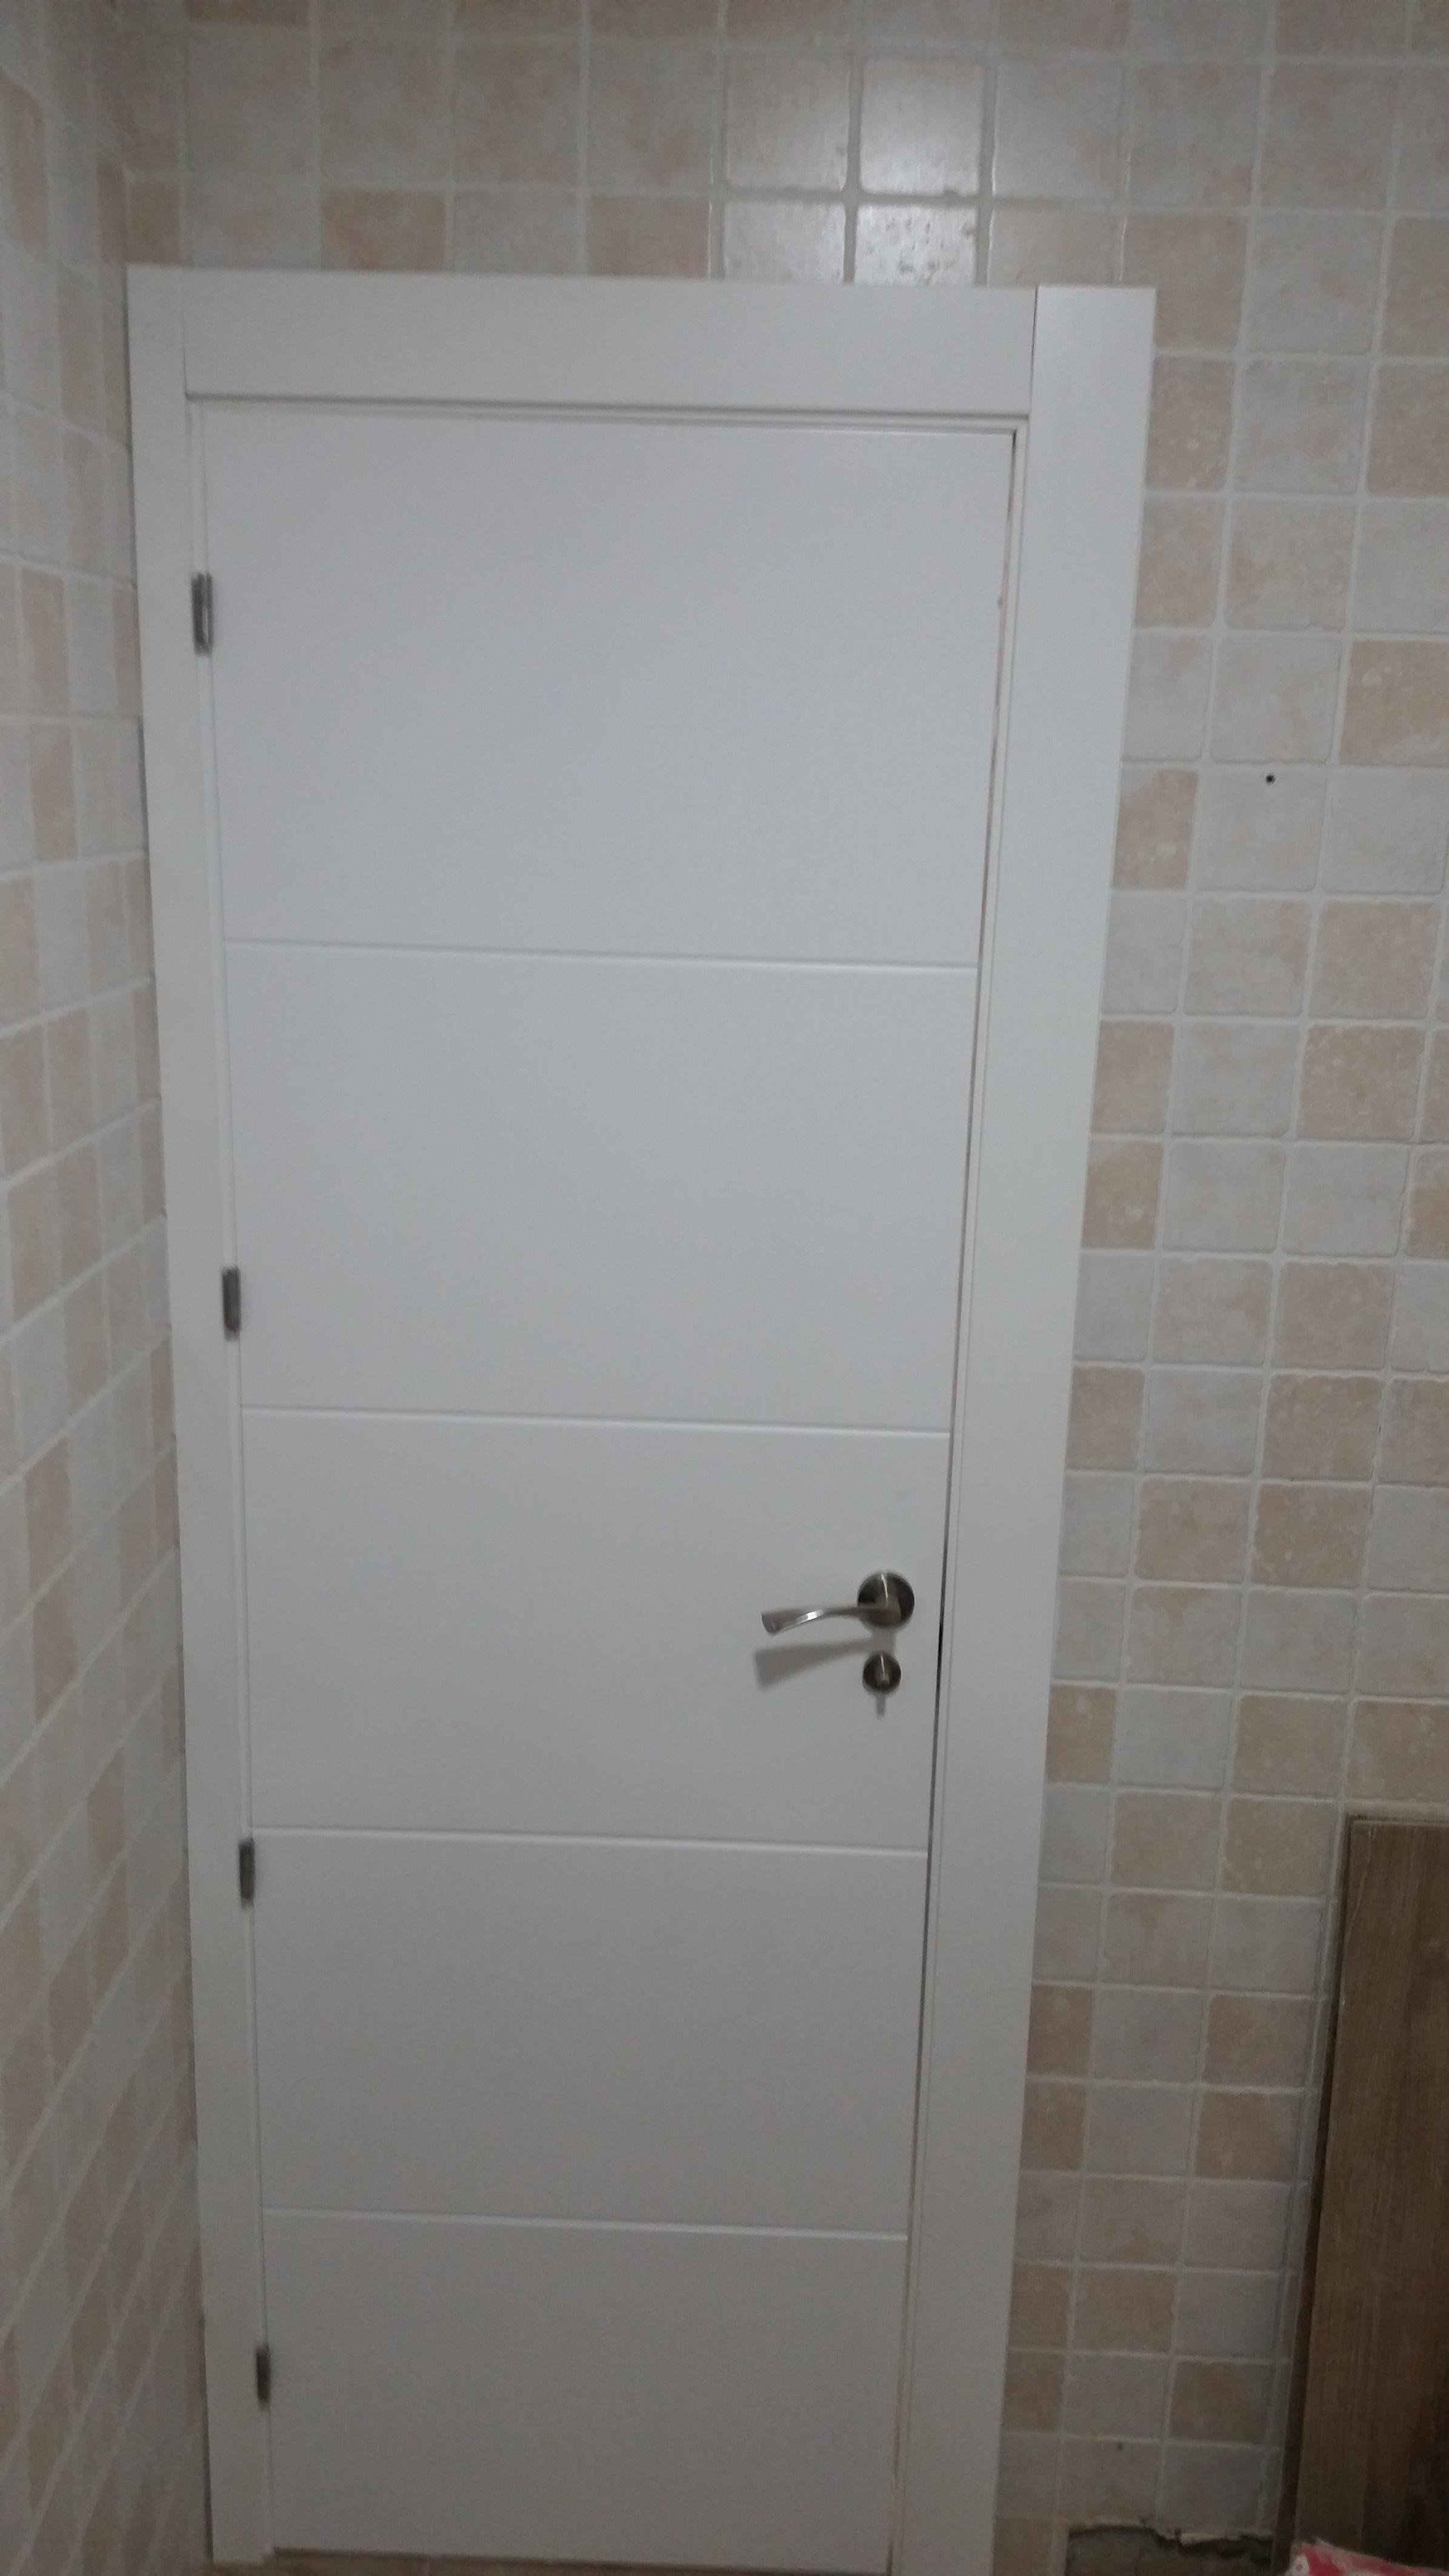 Trabajos realizados puertas lacadas blancas en granada - Puertas blancas con rayas ...